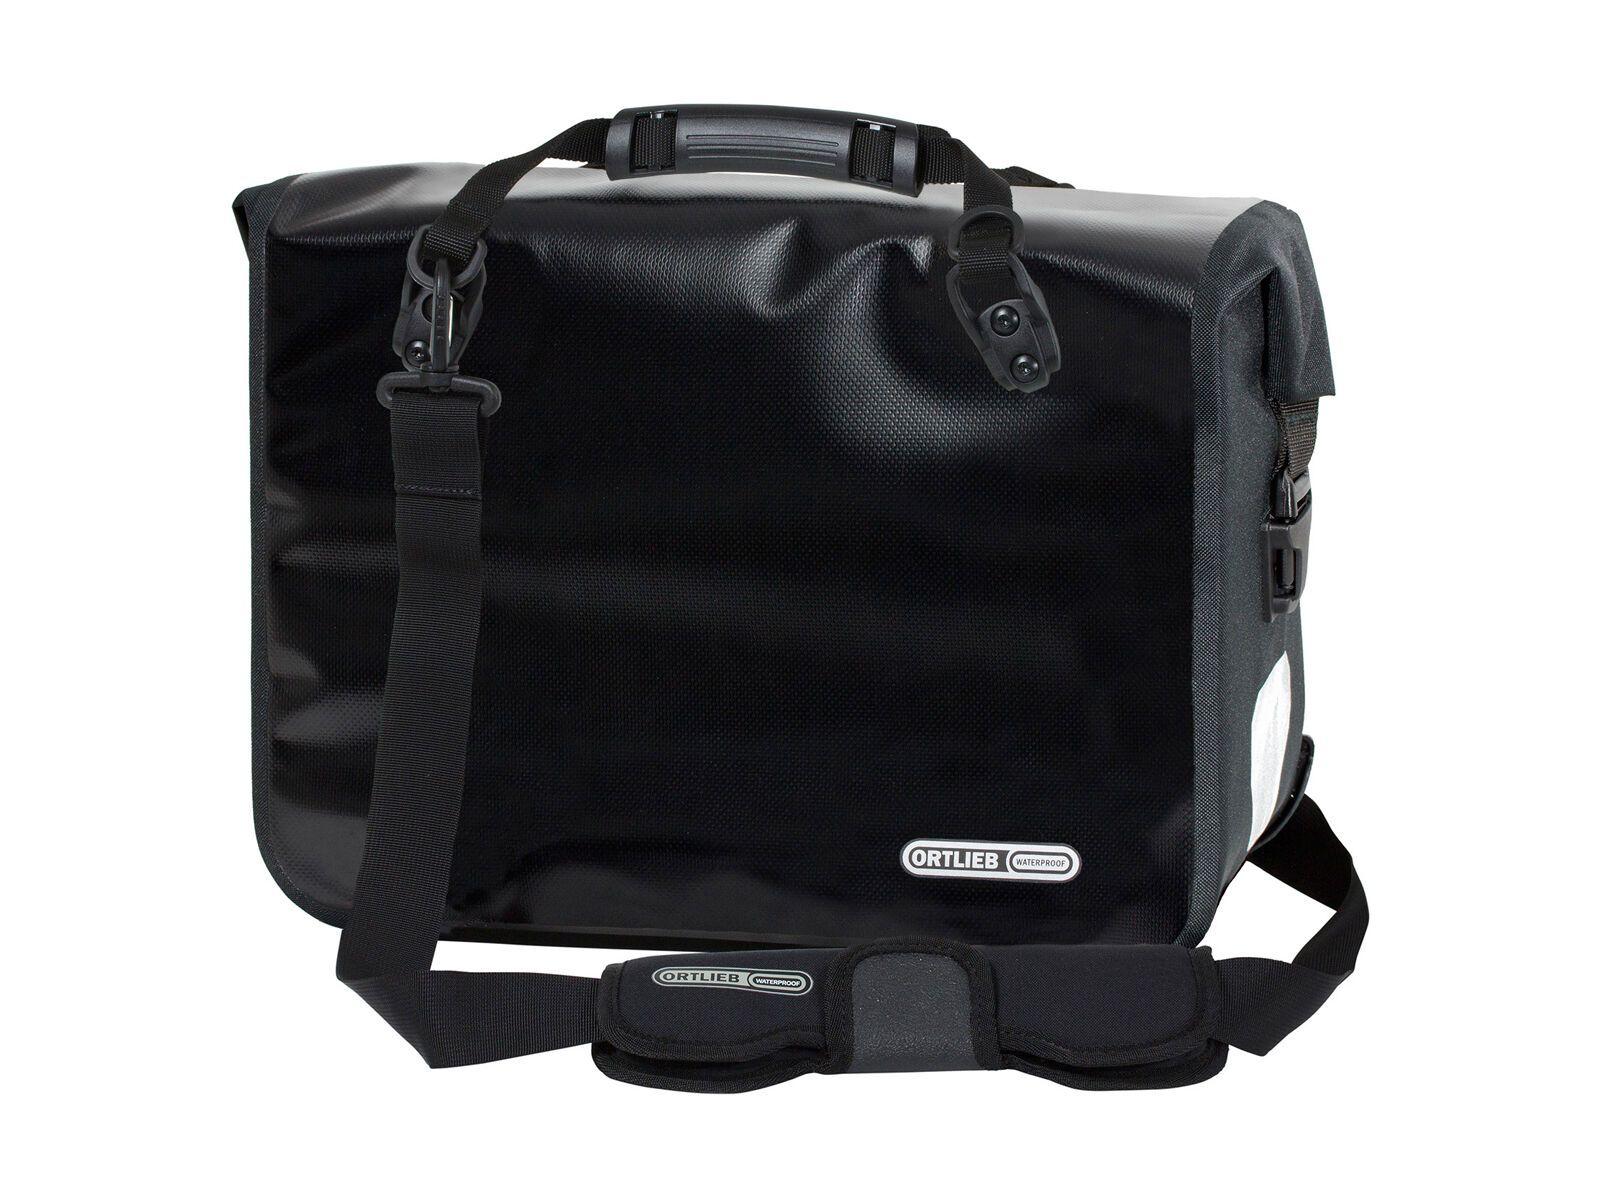 Ortlieb Office-Bag QL3.1 L, black - Fahrradtasche F70730